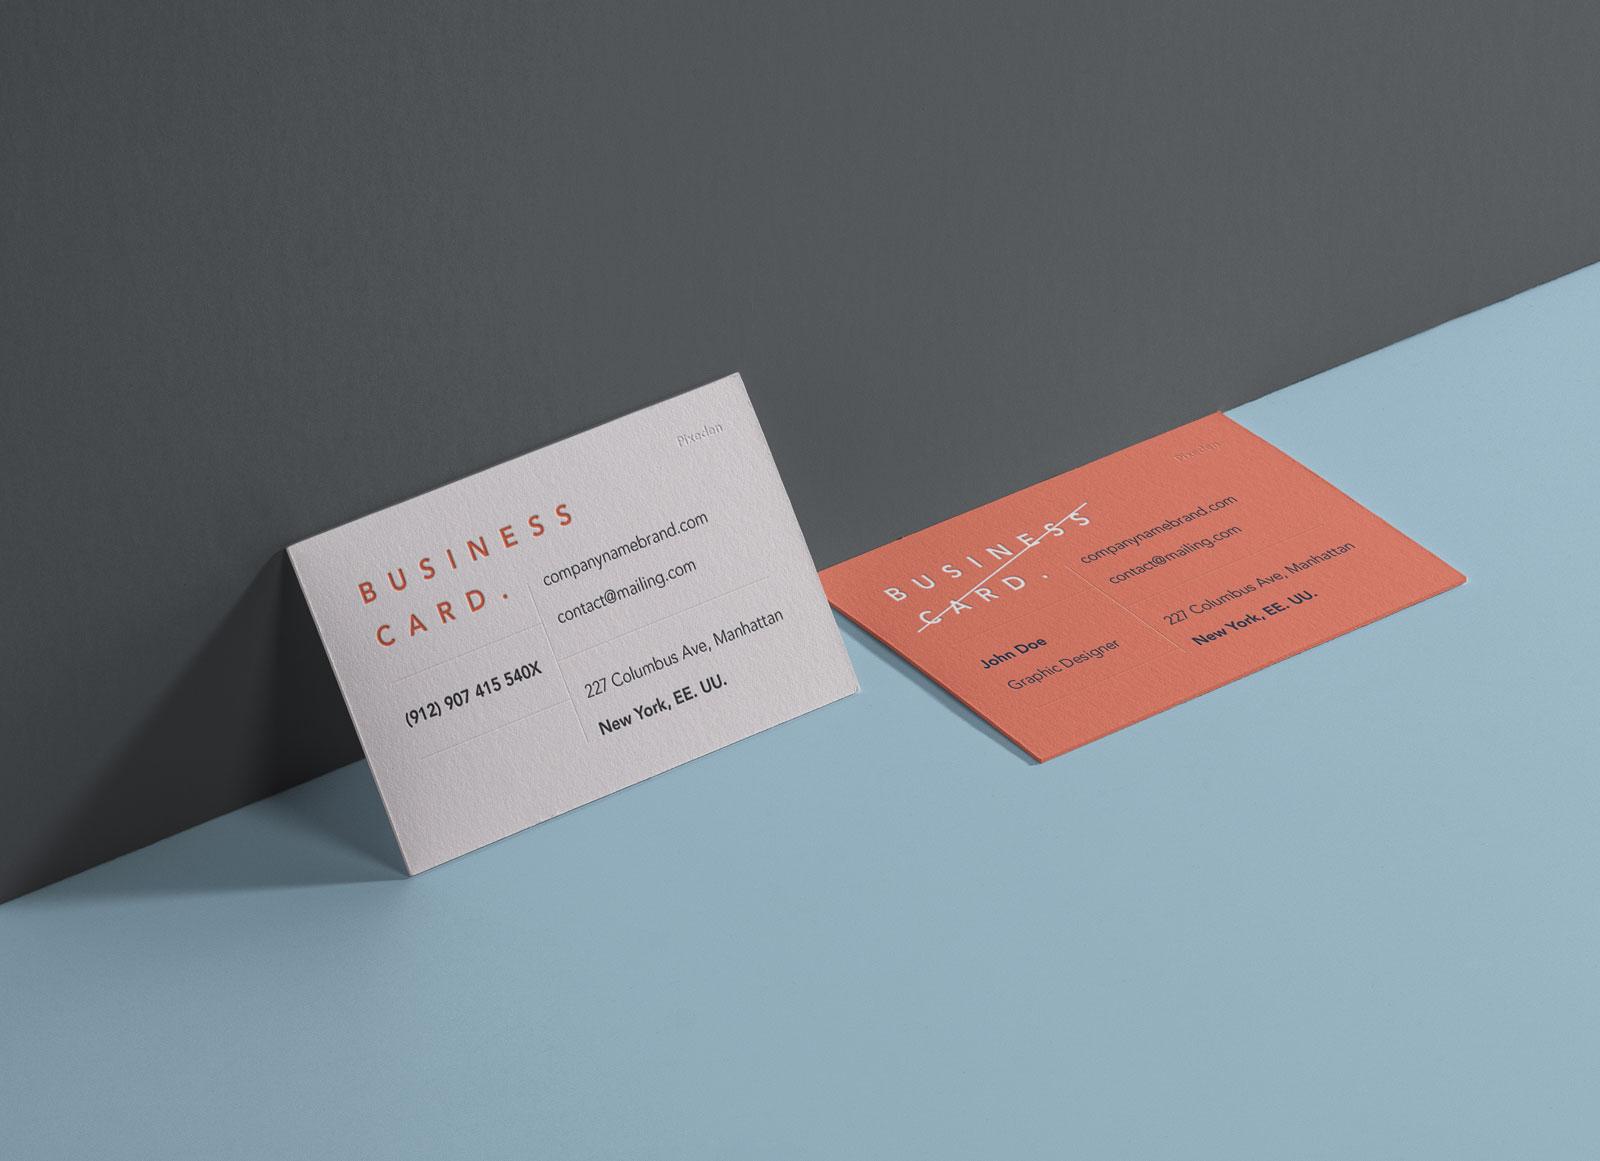 Free-Landscape-Front-&-Back-Business-Card-Mockup-PSD